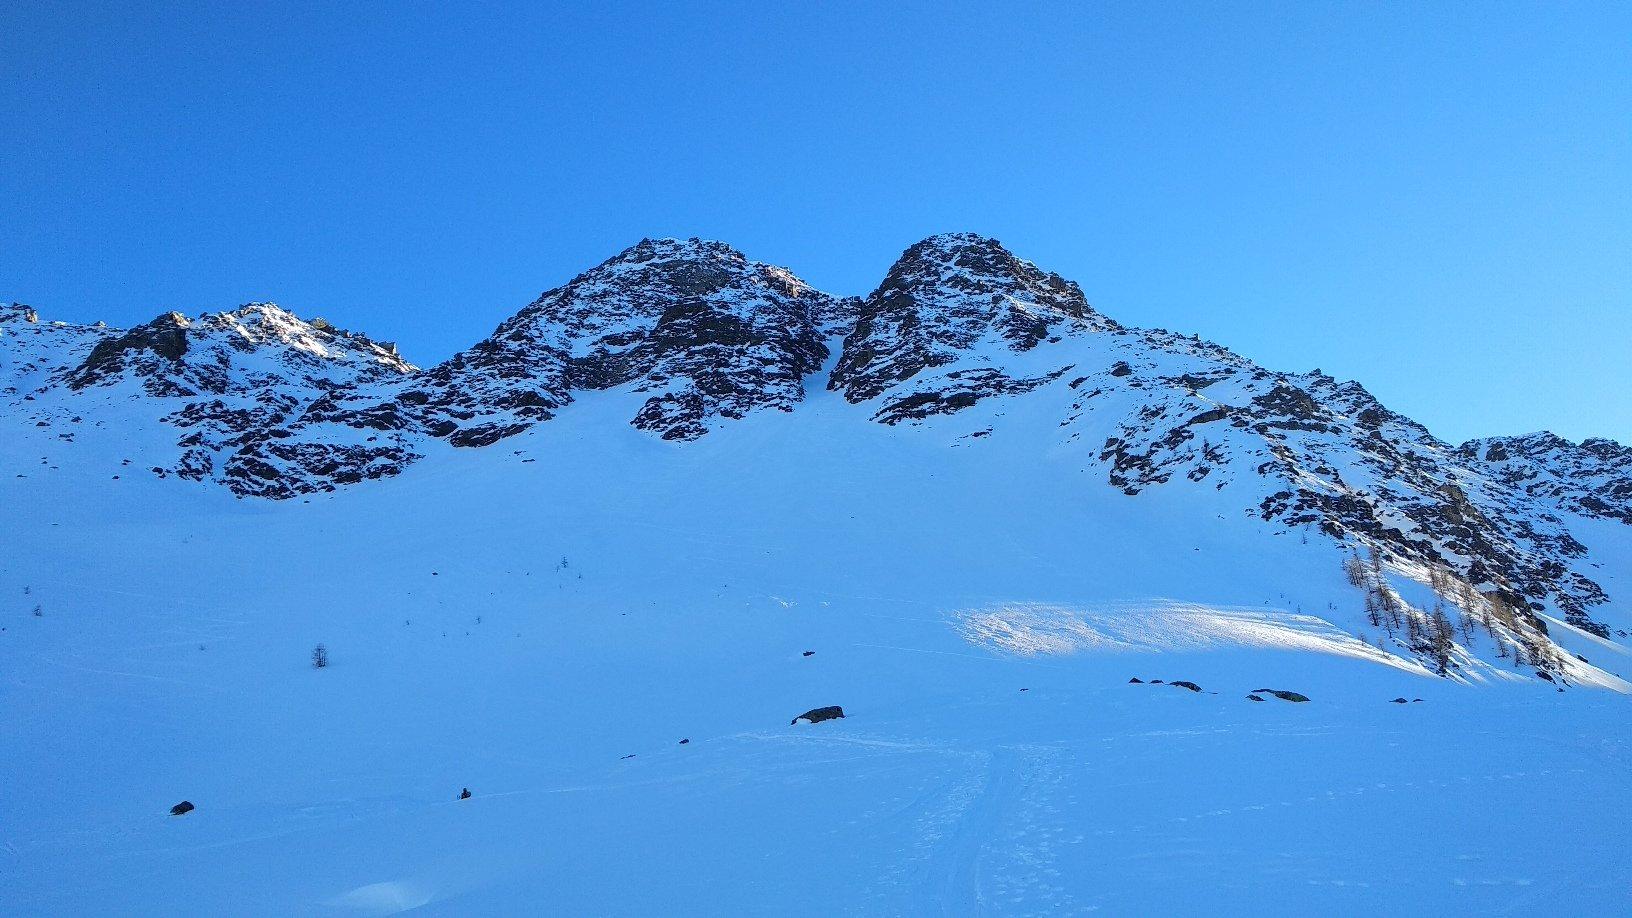 Corleans (Cresta di) forcella 2733 m e quota 2780 m da Mottes per il Couloir N 2019-02-17